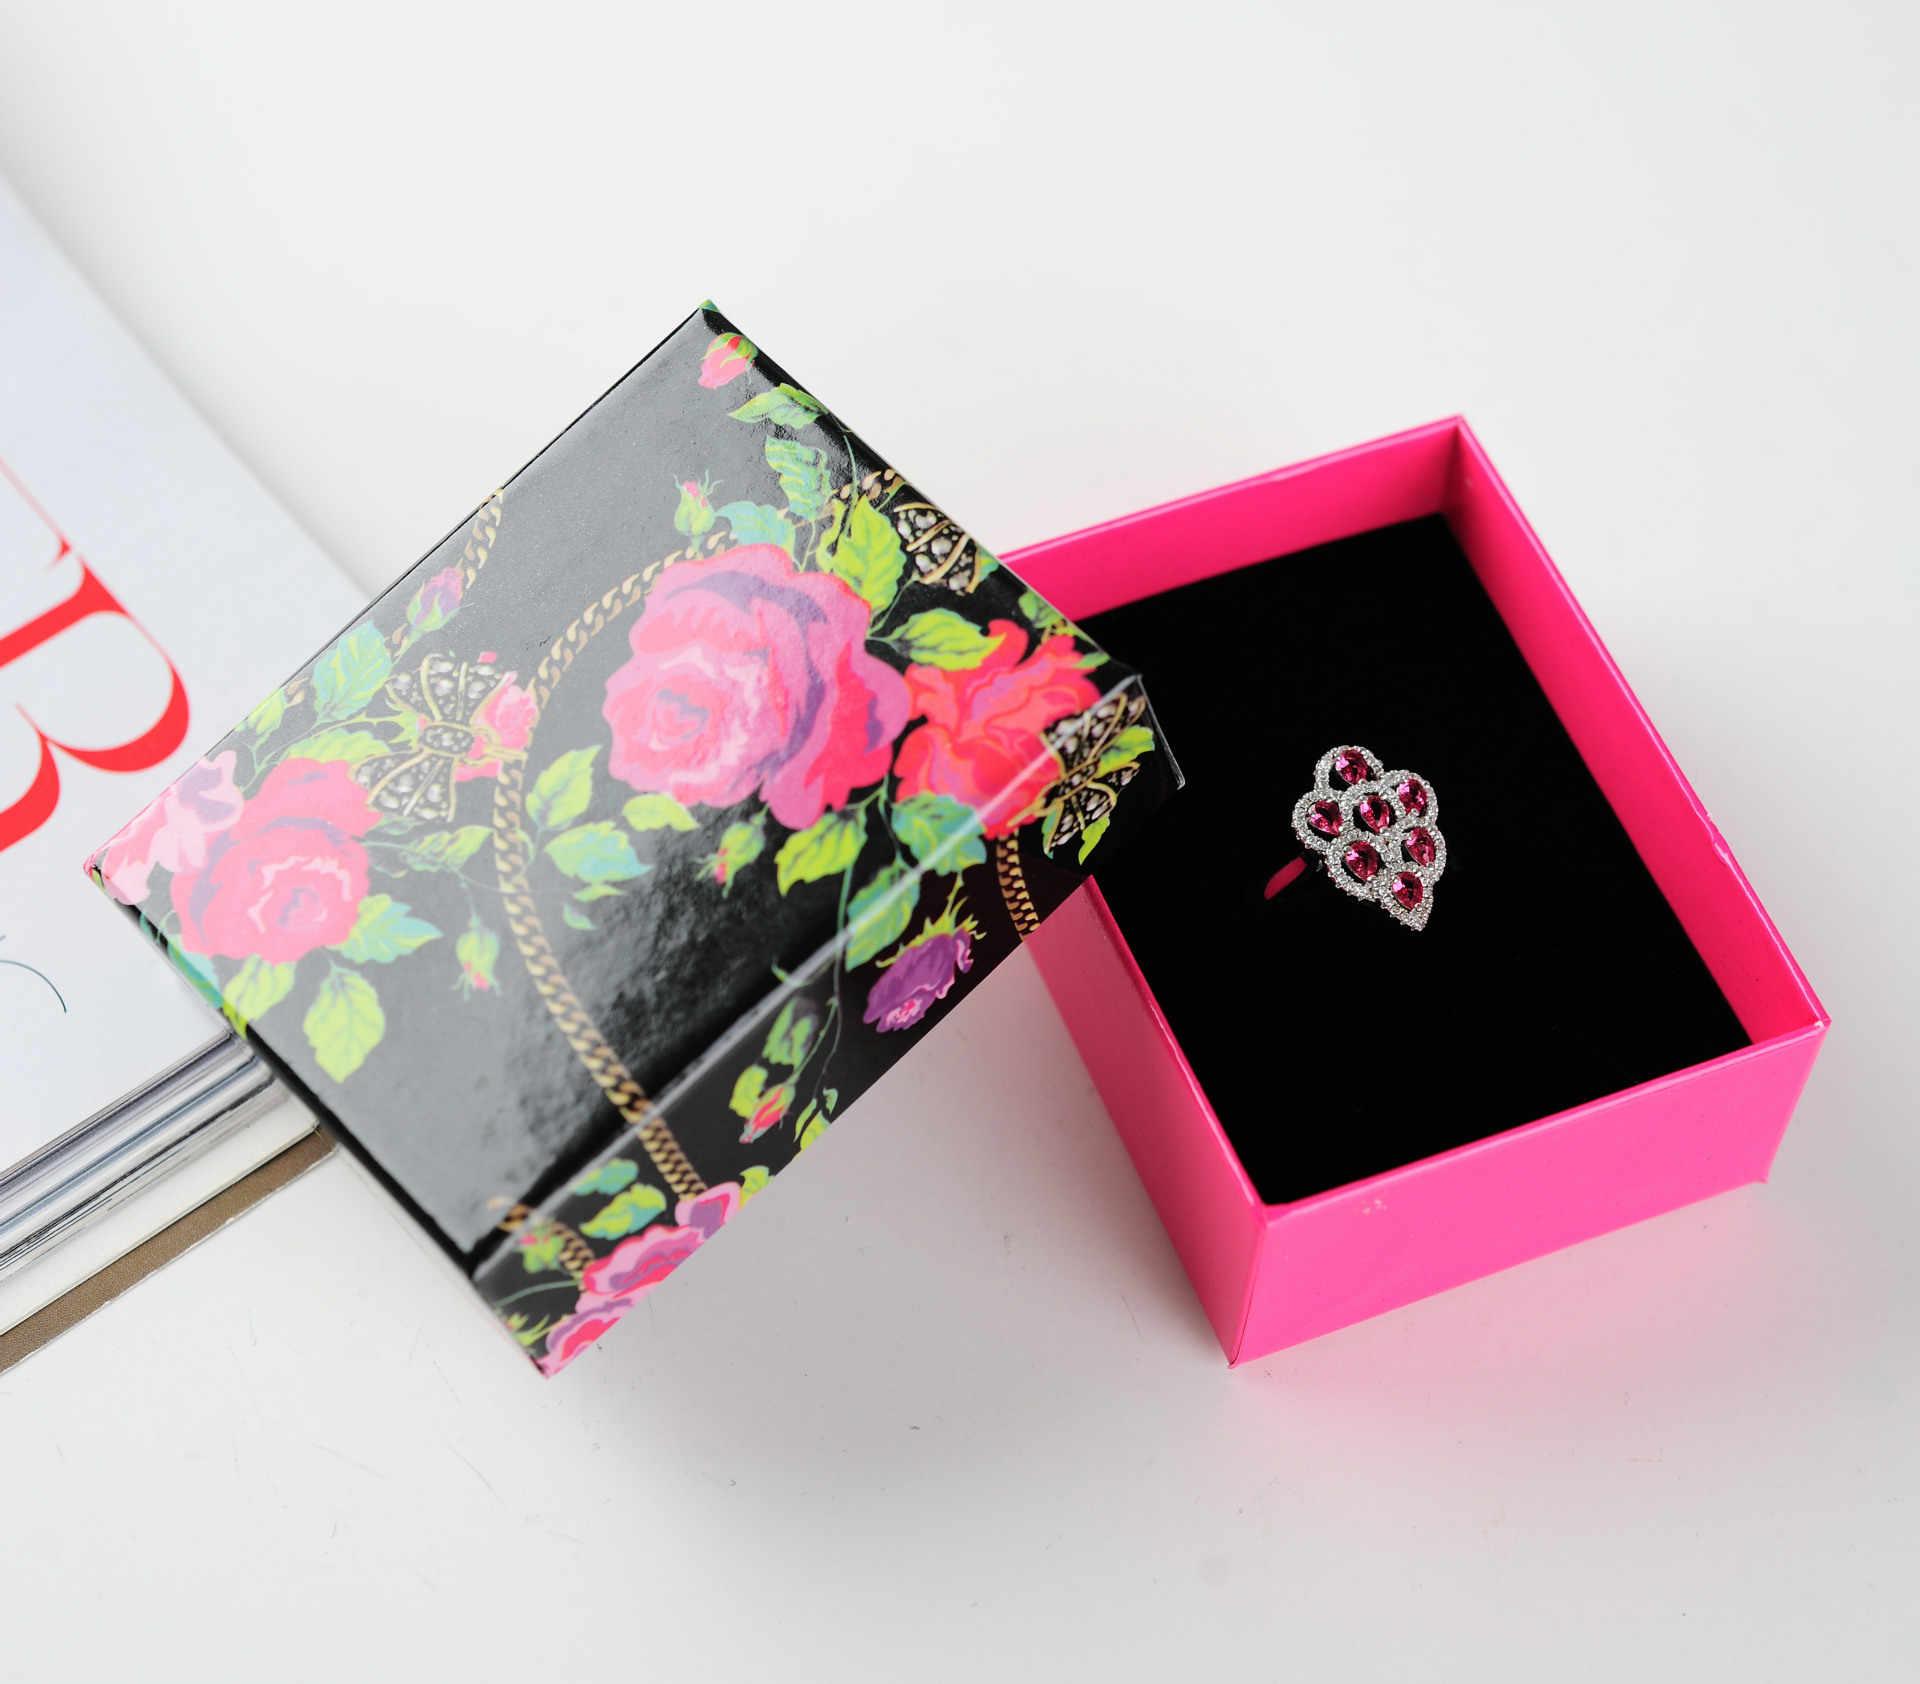 Cajas de joyería DoreenBeads venta al por mayor de flores impresas anillo de collares rosa roja caja de embalaje caja de regalo 8,5*6,5*3,5 cm 1 pieza